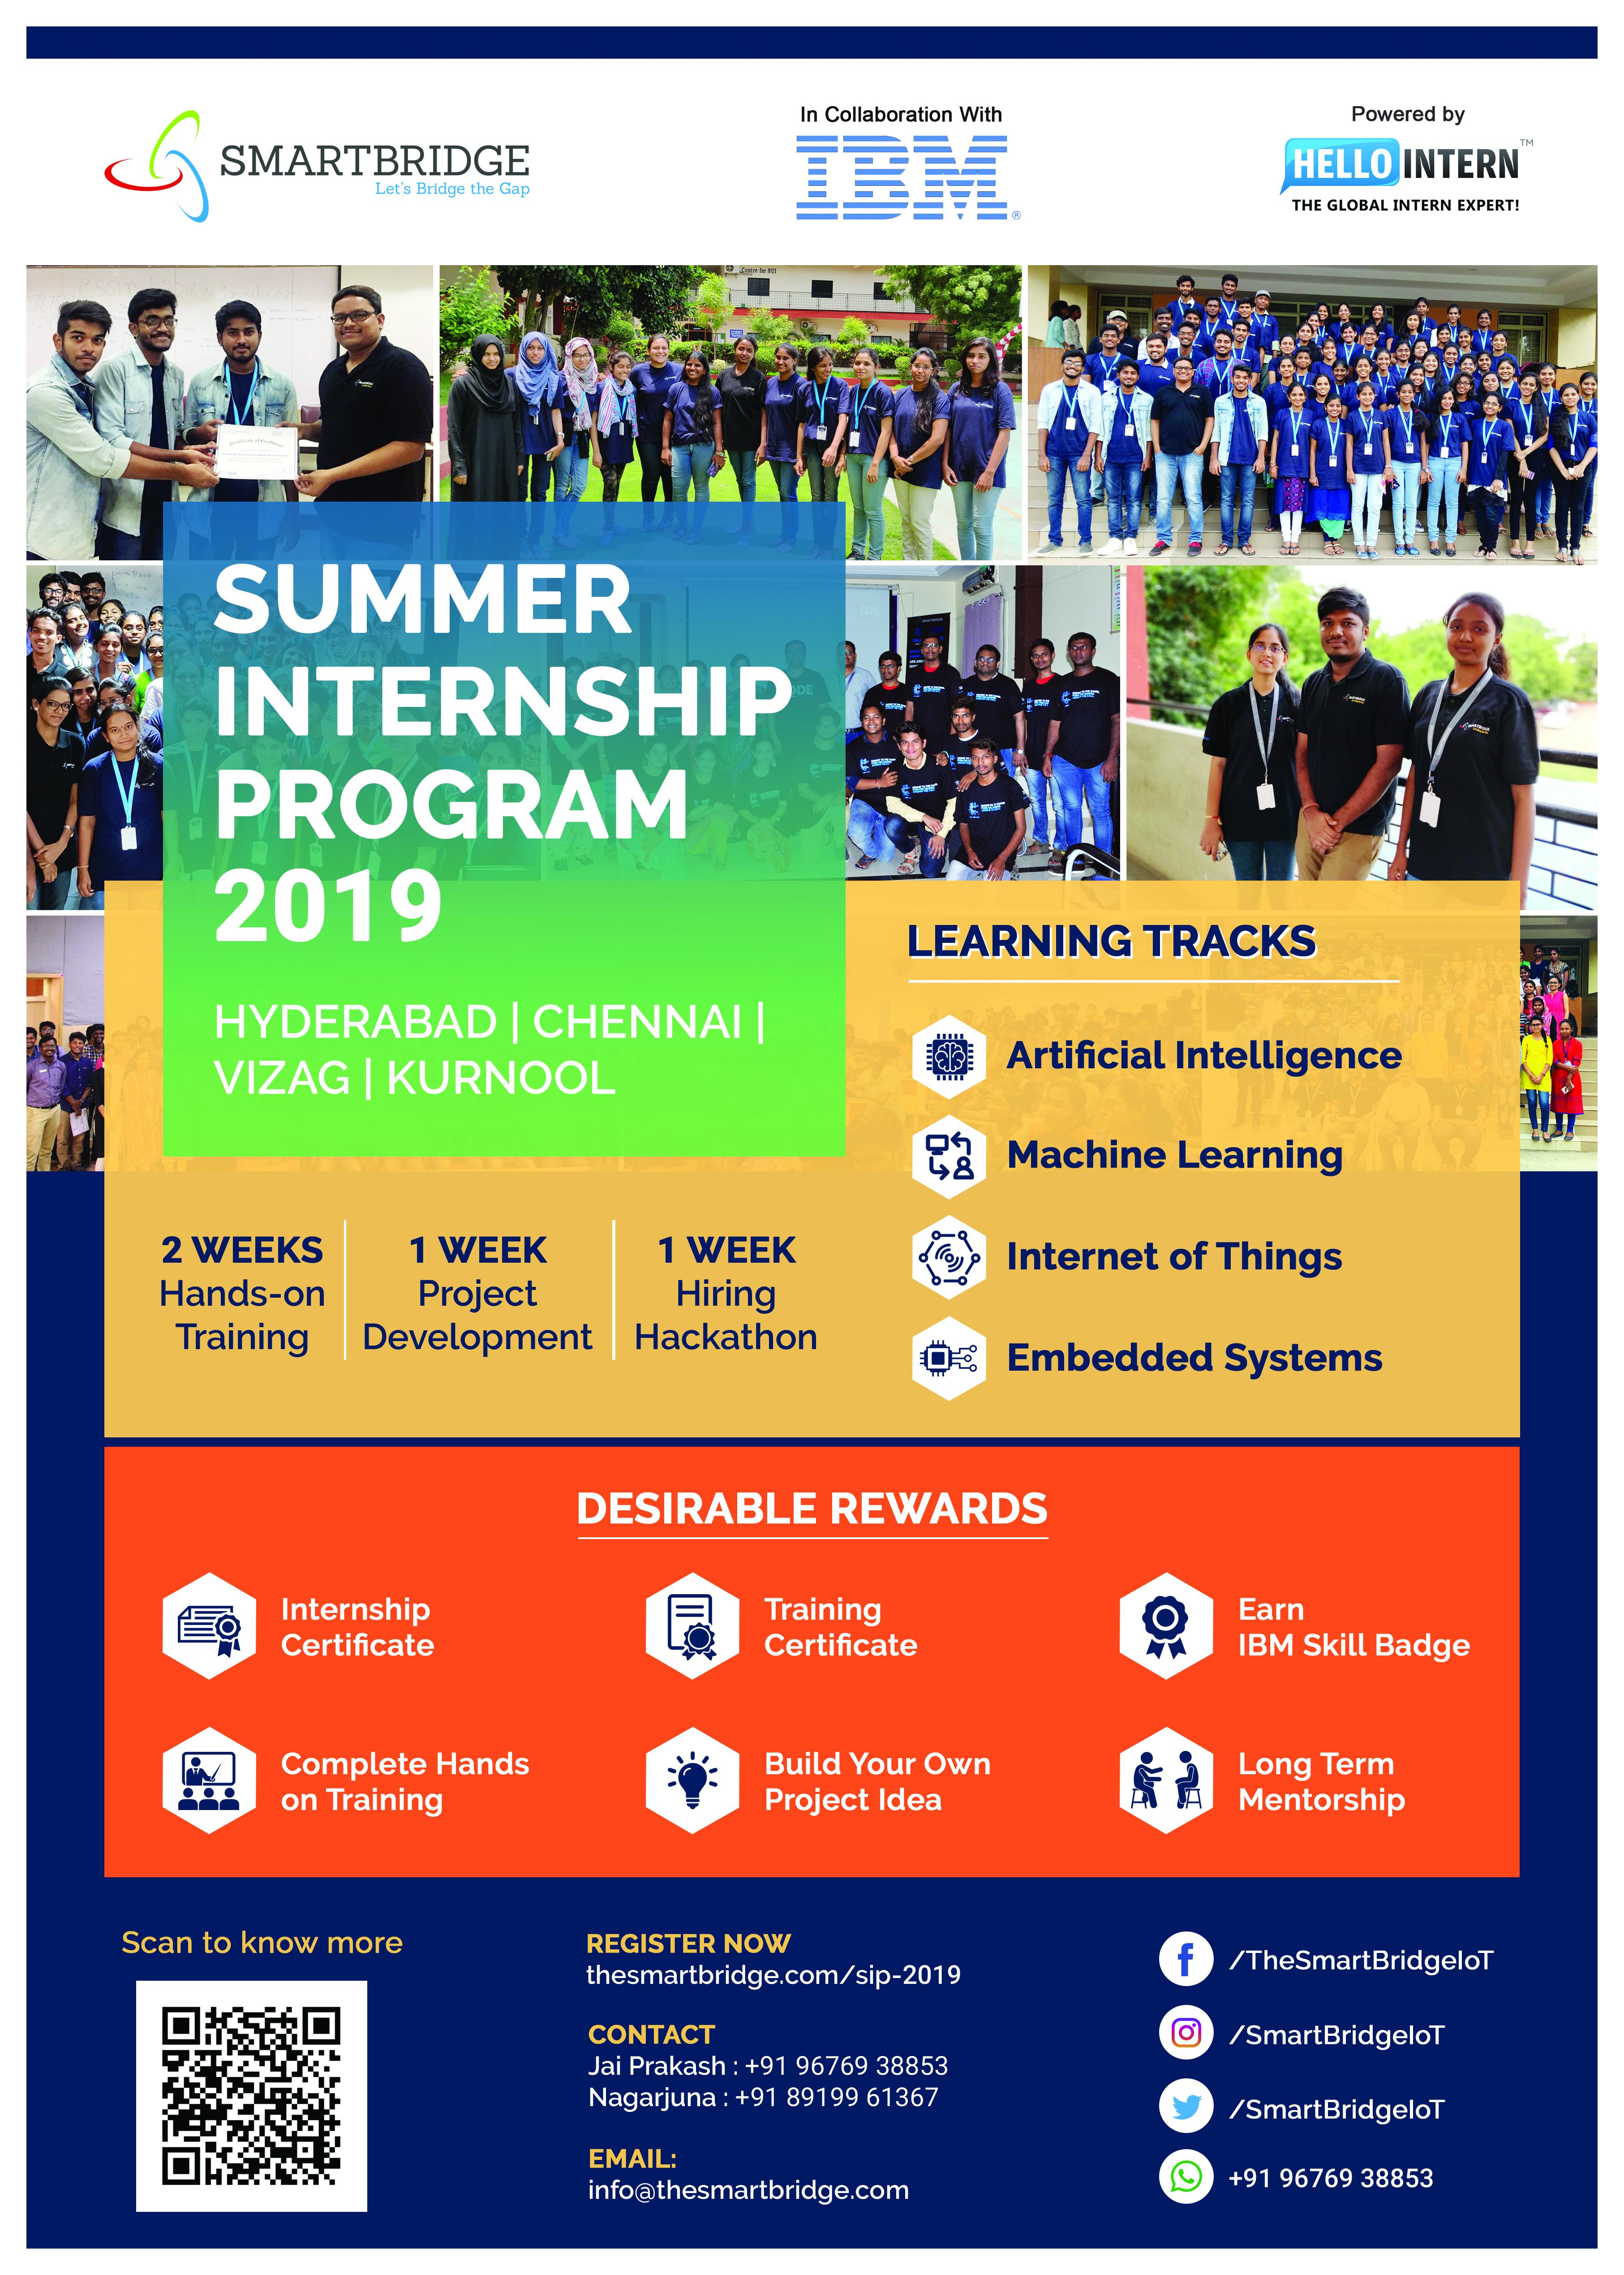 Summer Internship Program - 2019